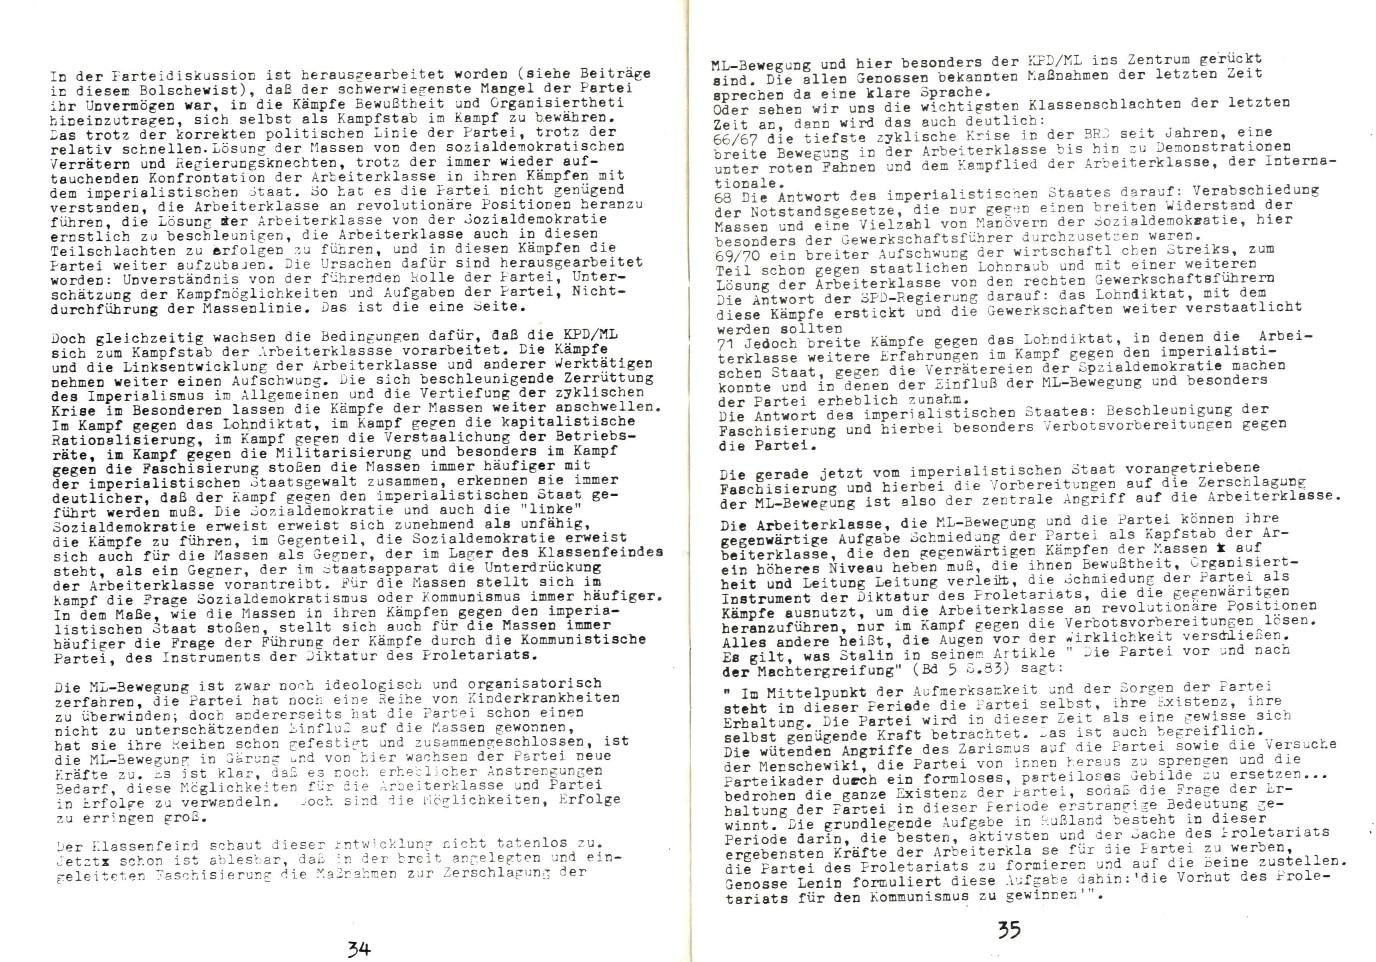 NRW_KPDML_Der_Bolschewist_1972_04_19